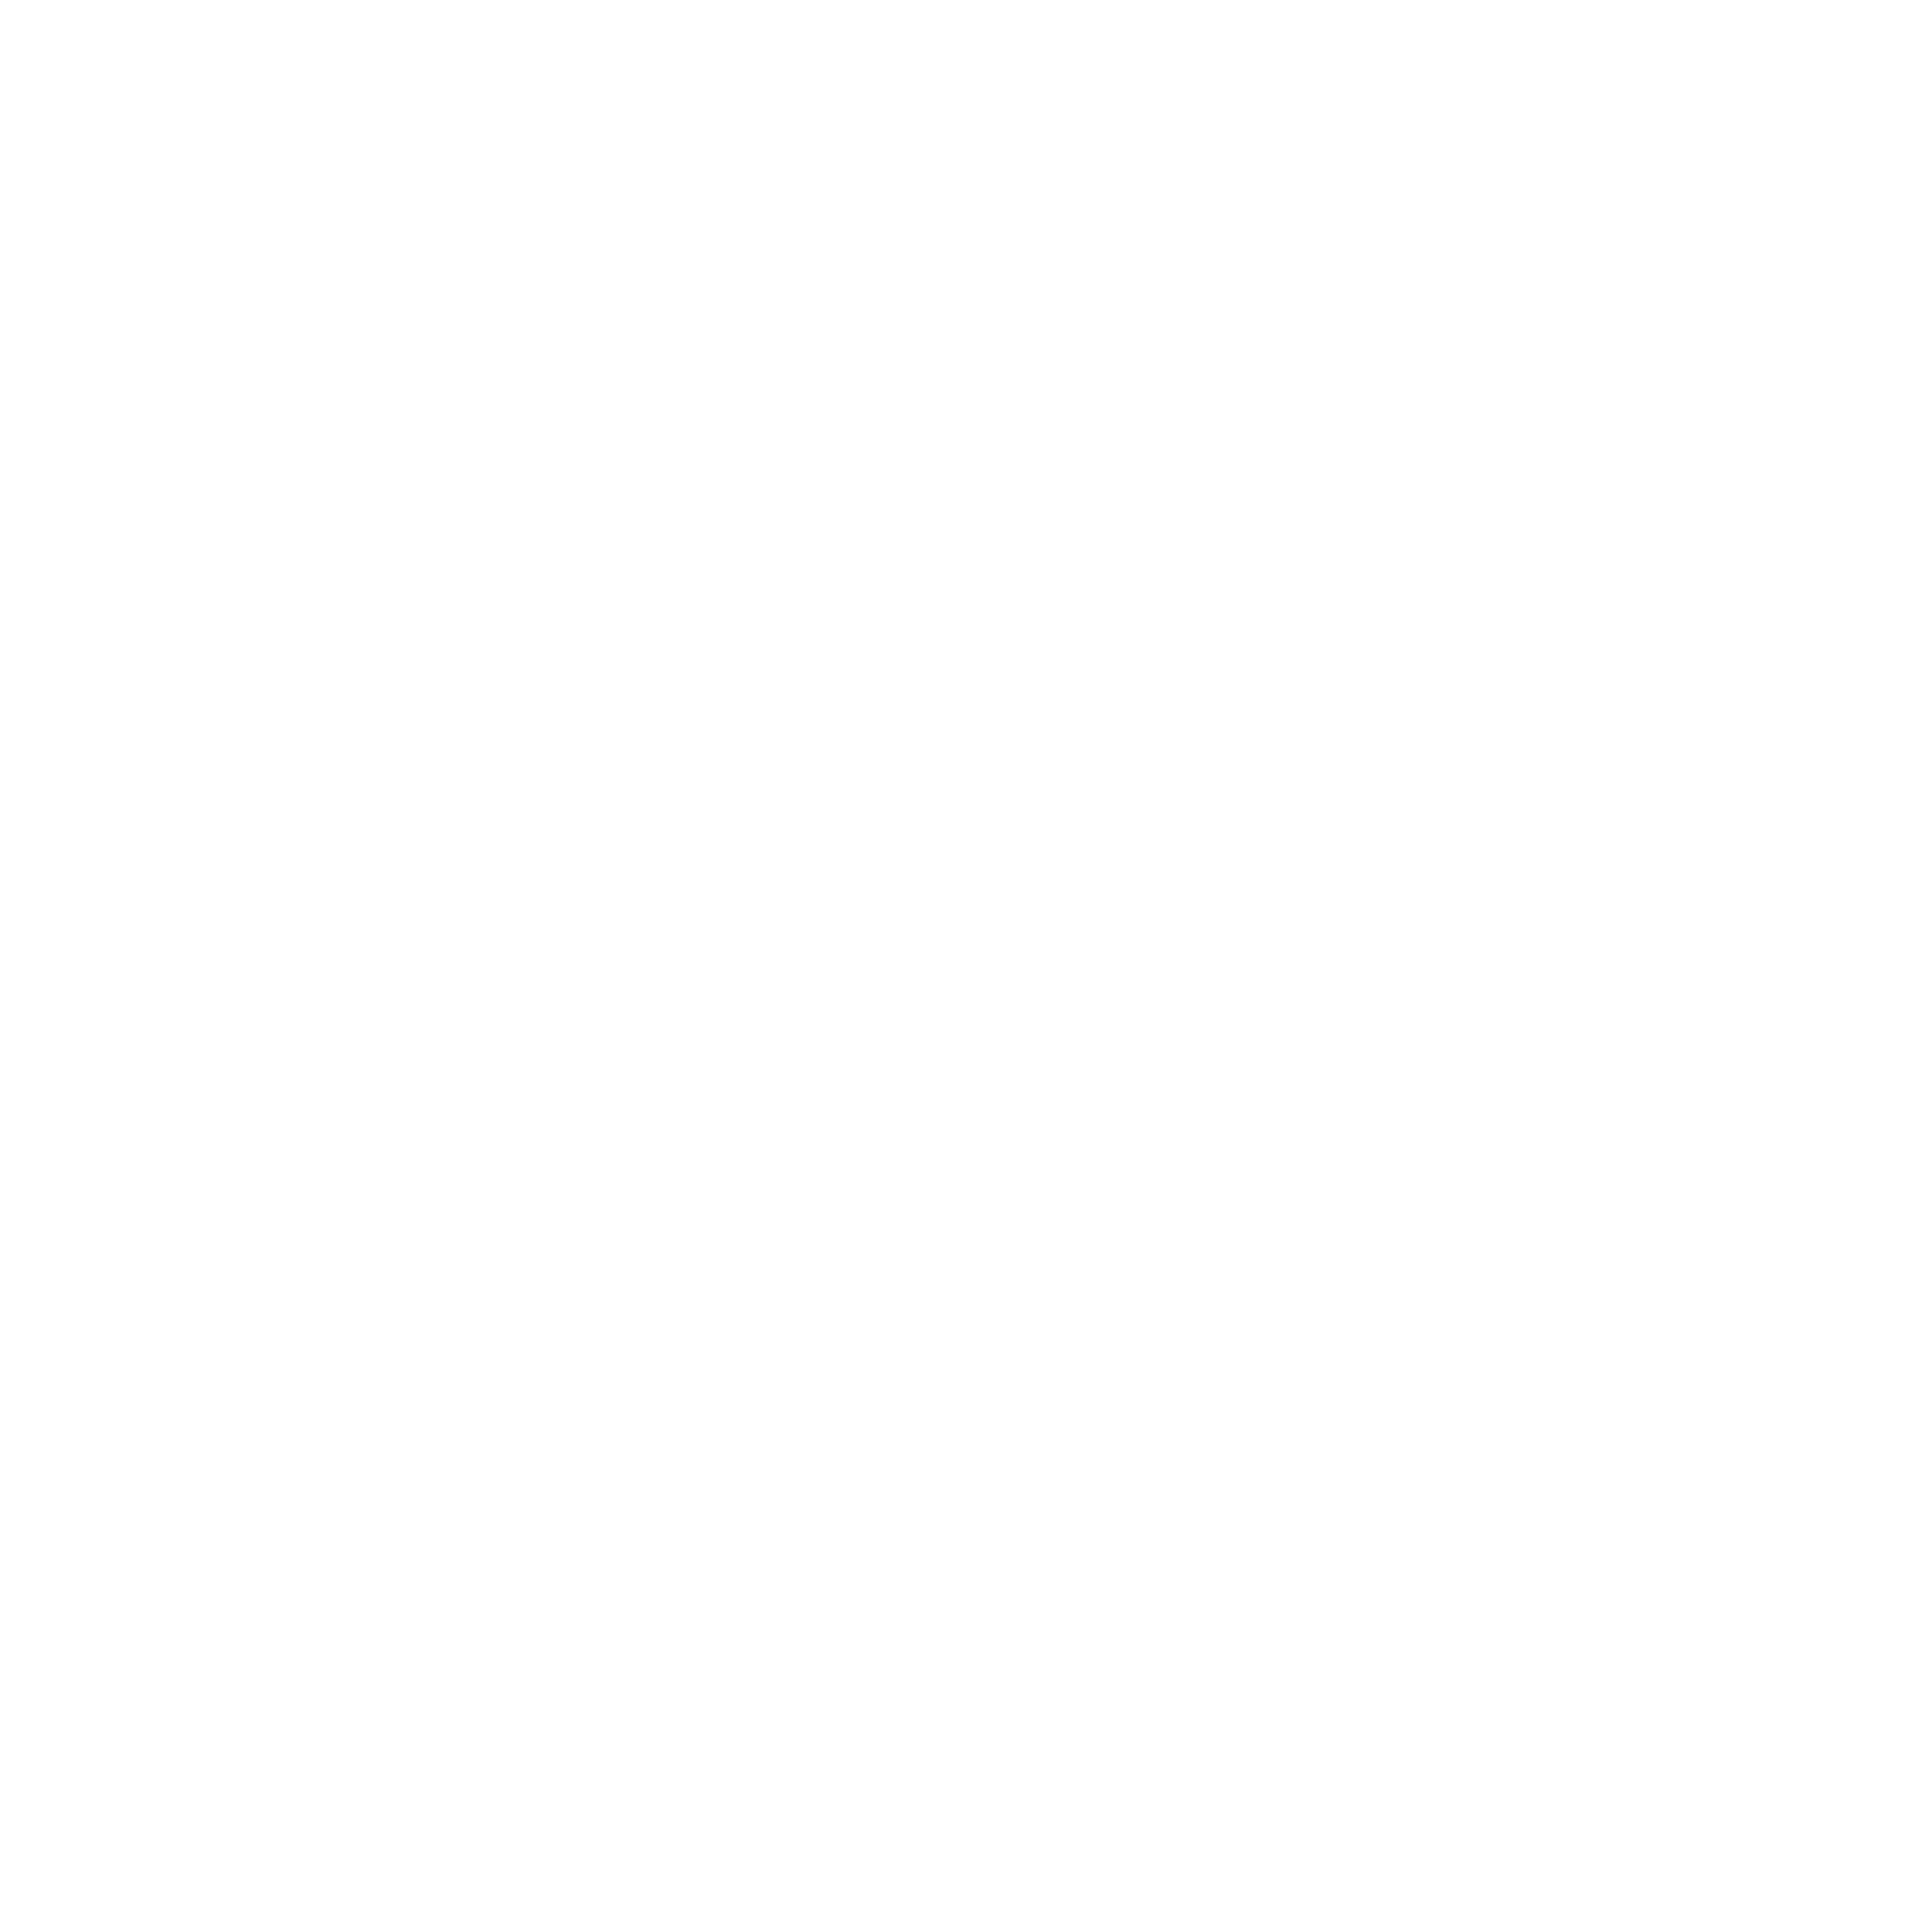 英國文化協會白底logo